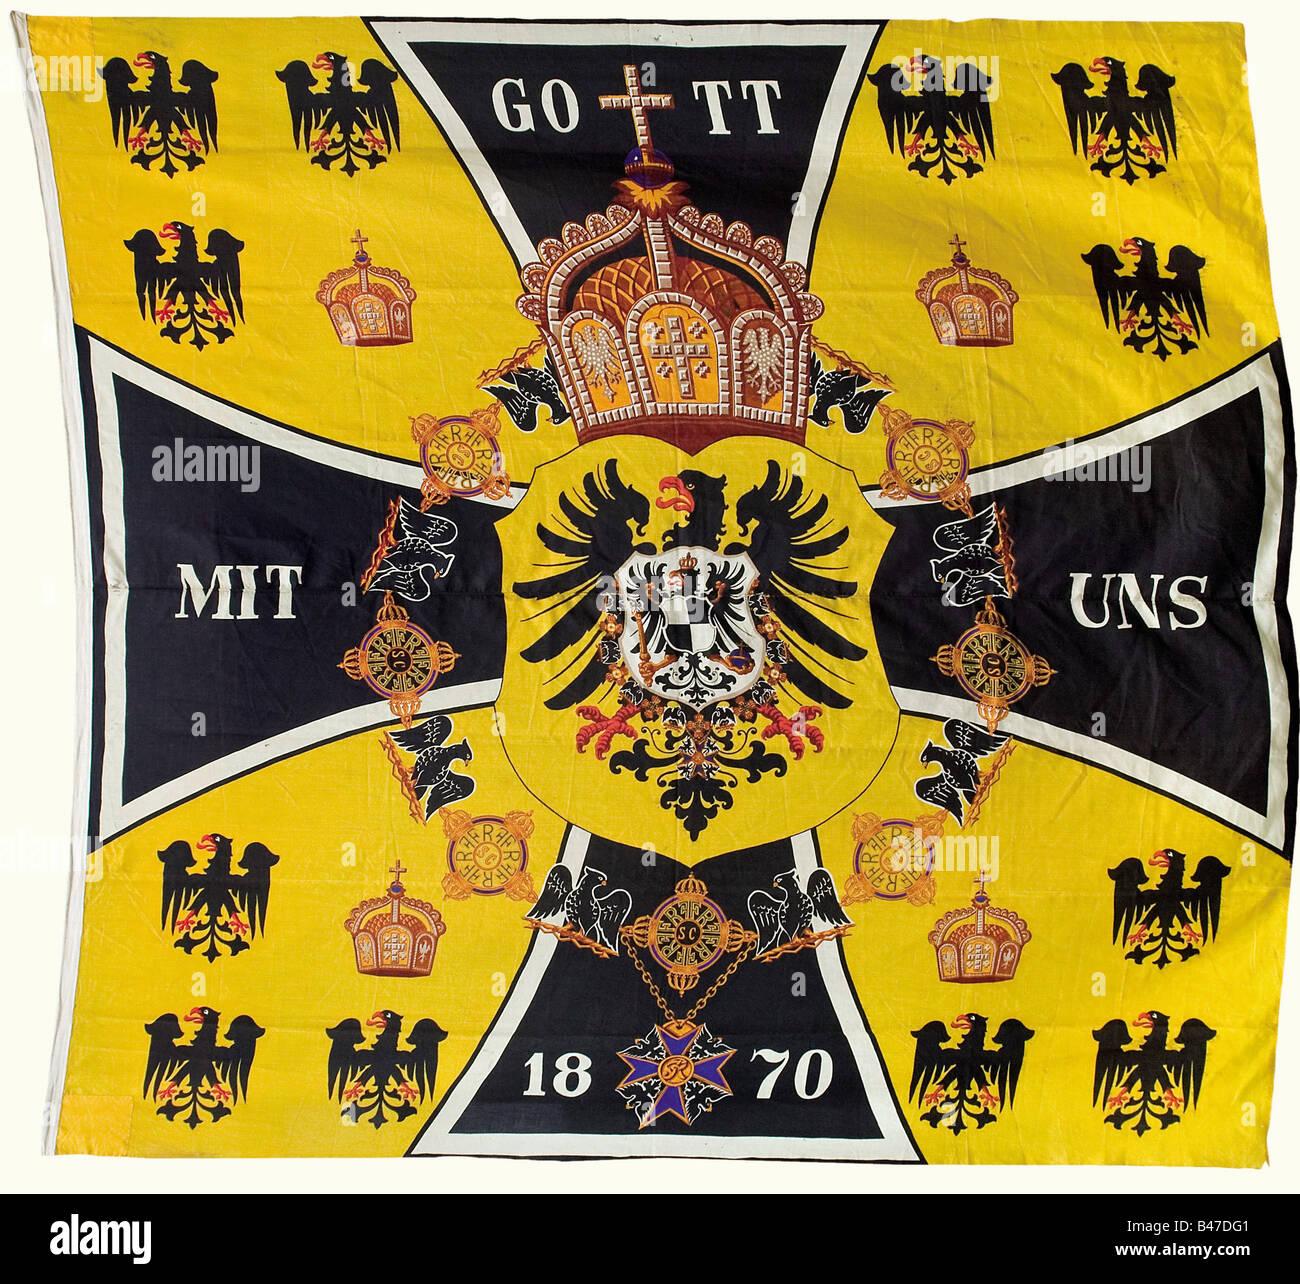 Ein Wimpel, der Kaiser's Präsenz., Marine banner Tuch in Farbe lackiert, komplett mit halyard und Bügeleisen Stockbild